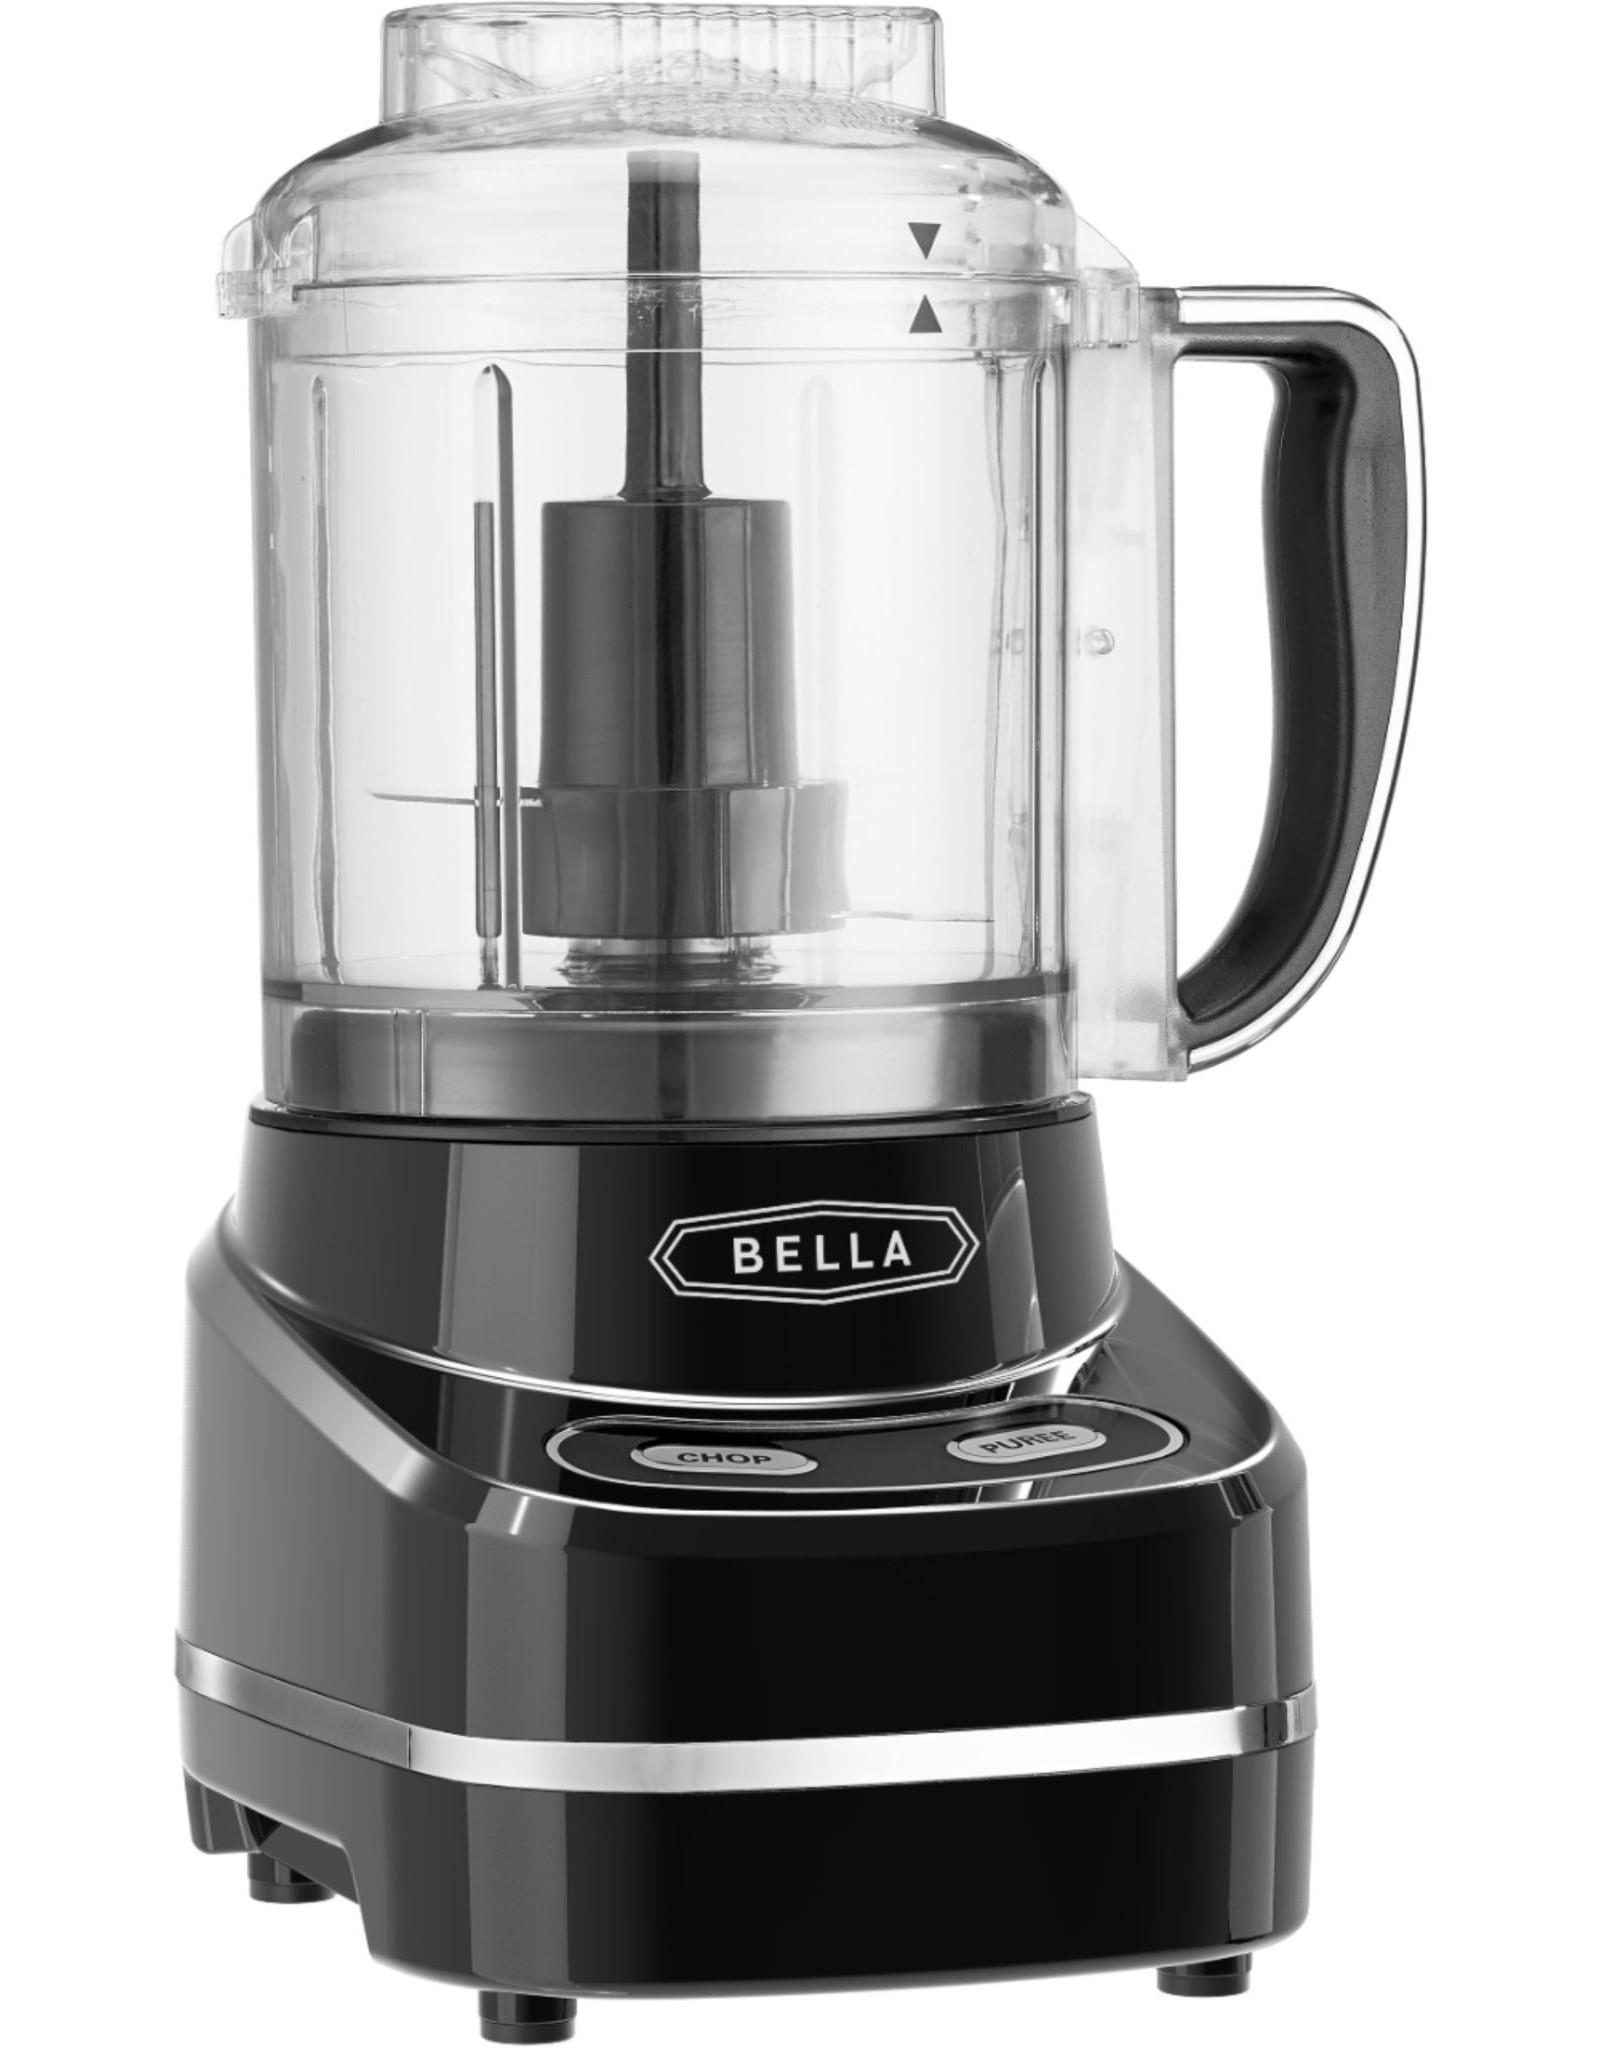 Bella pro 14763 Bella - 3-Cup Mini Chopper - Black